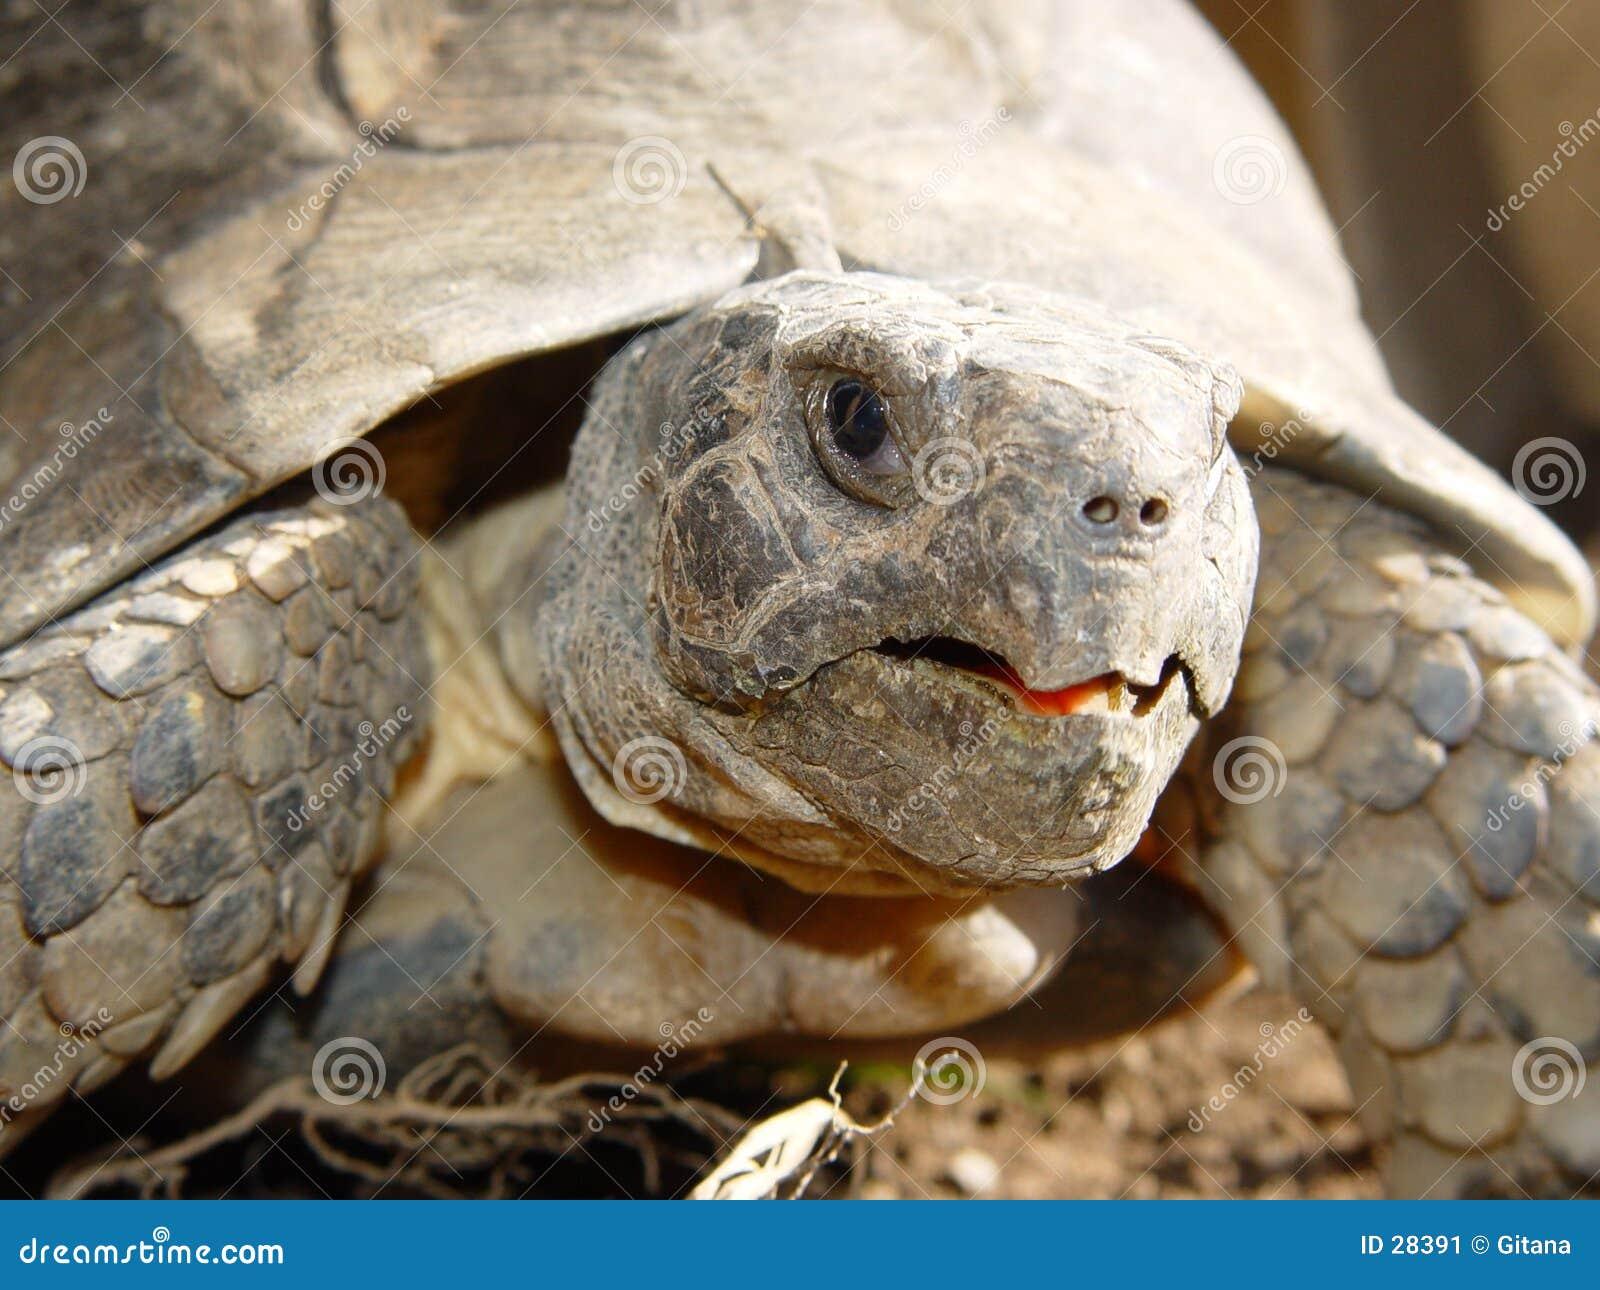 Tortoise Detail